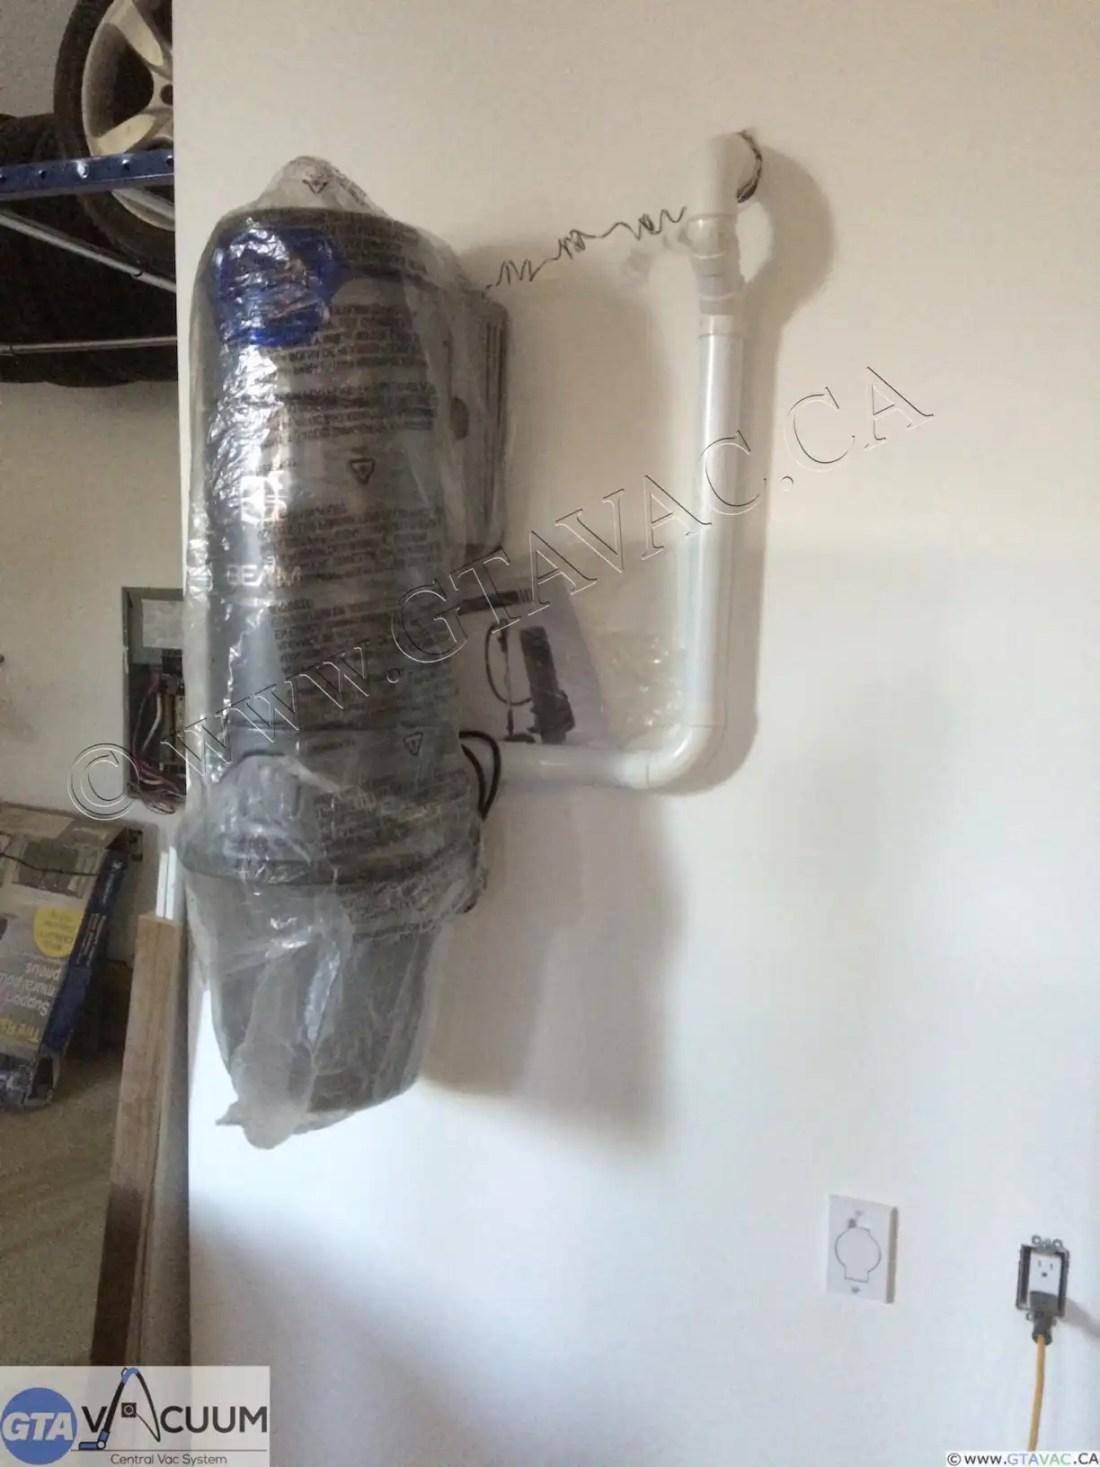 Beam Residential Central Vacuum